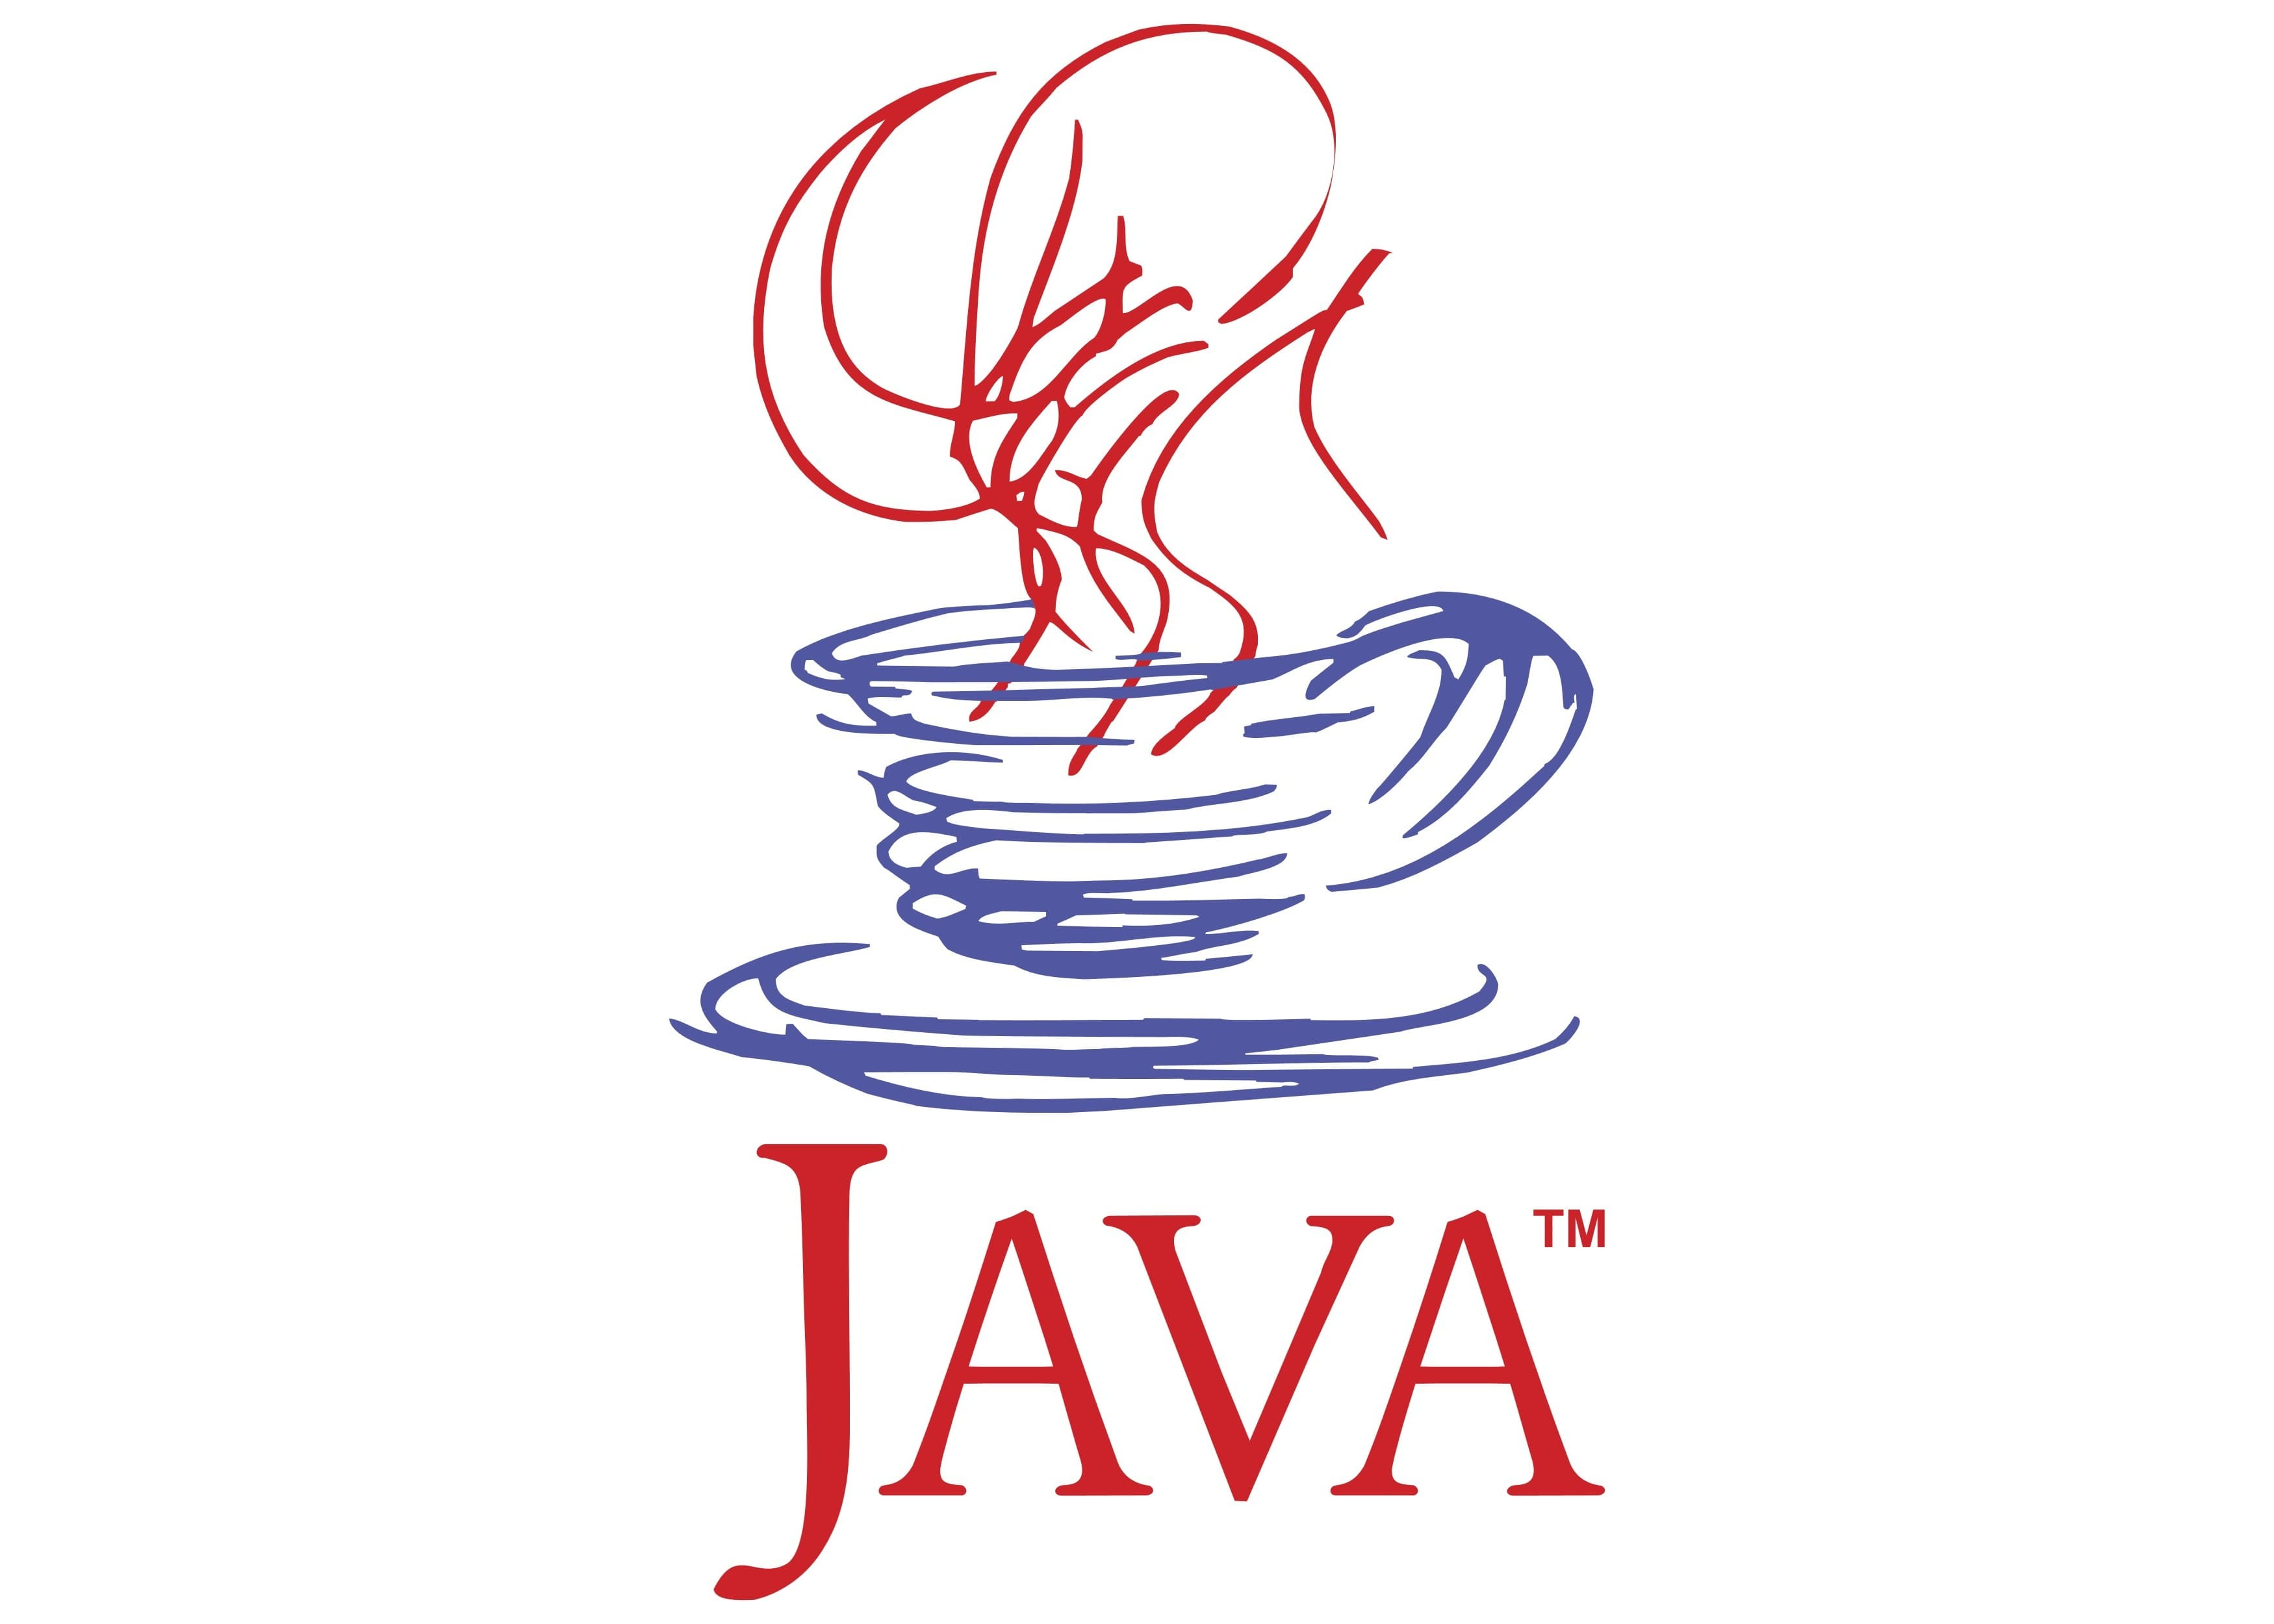 Logo de Java la historia y el significado del logotipo ...